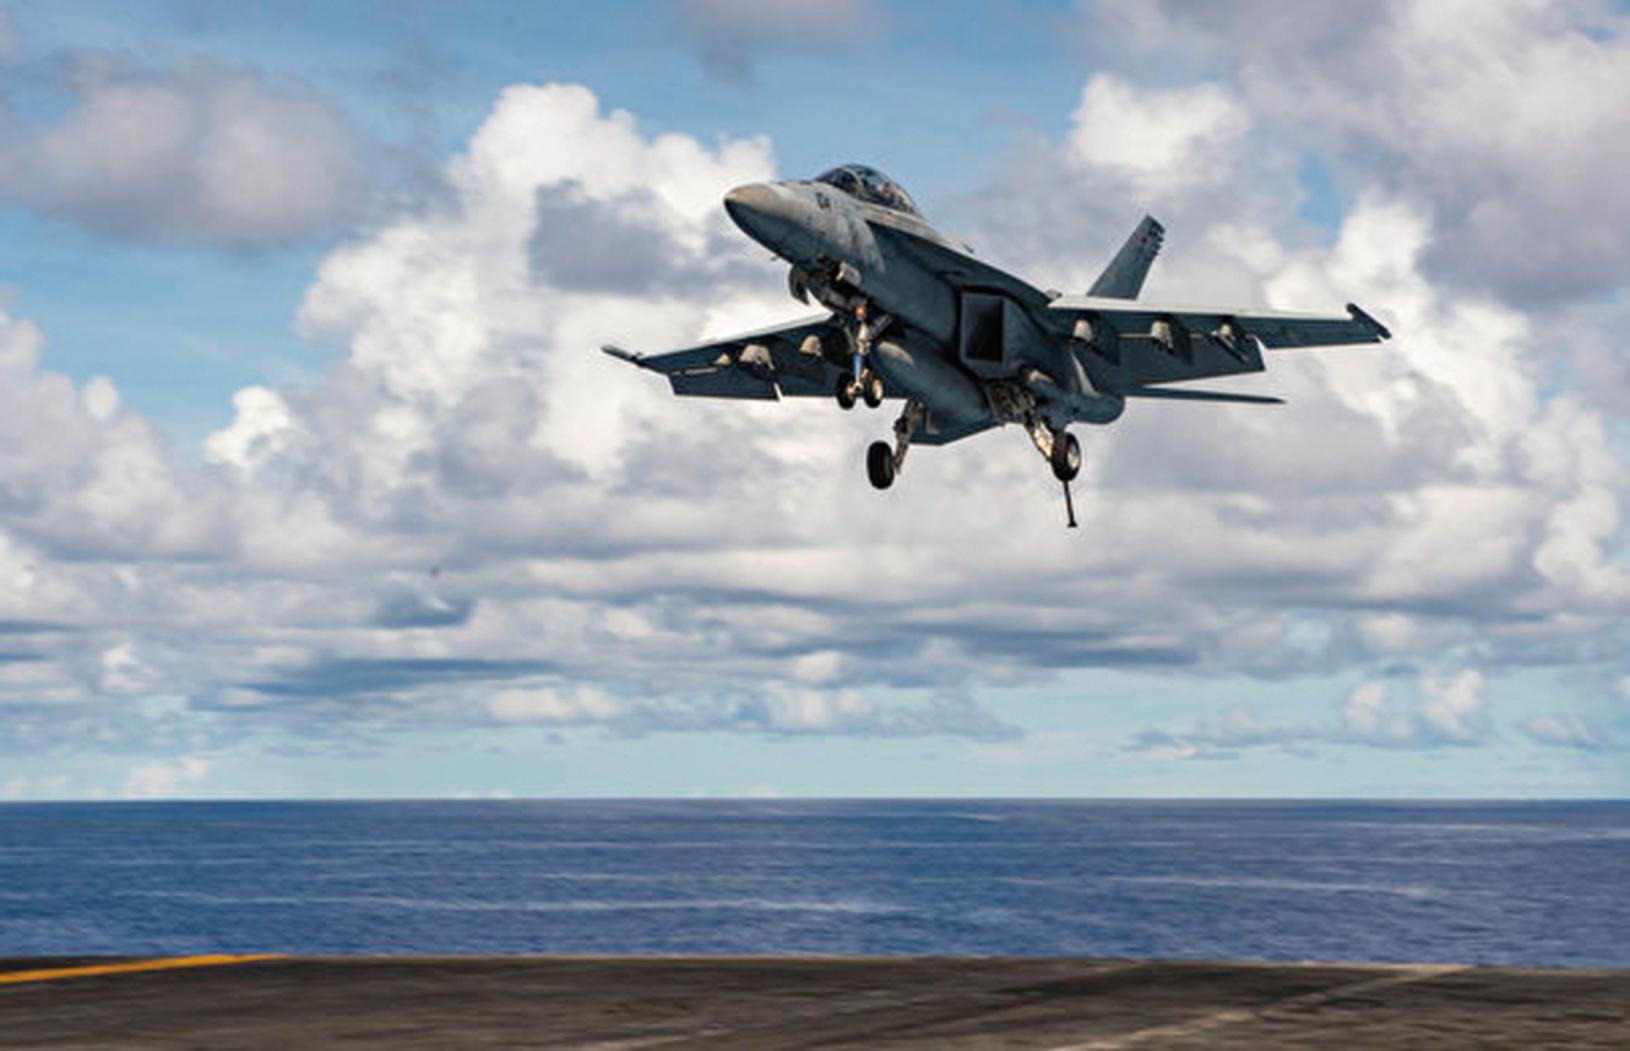 2020年9月27日,在菲律賓海域,一架F/A-18F超級大黃蜂戰機正在列根號航空母艦(CVN 76)上降落。(Mass Communication Specialist 2nd Class Erica Bechard/美國海軍)